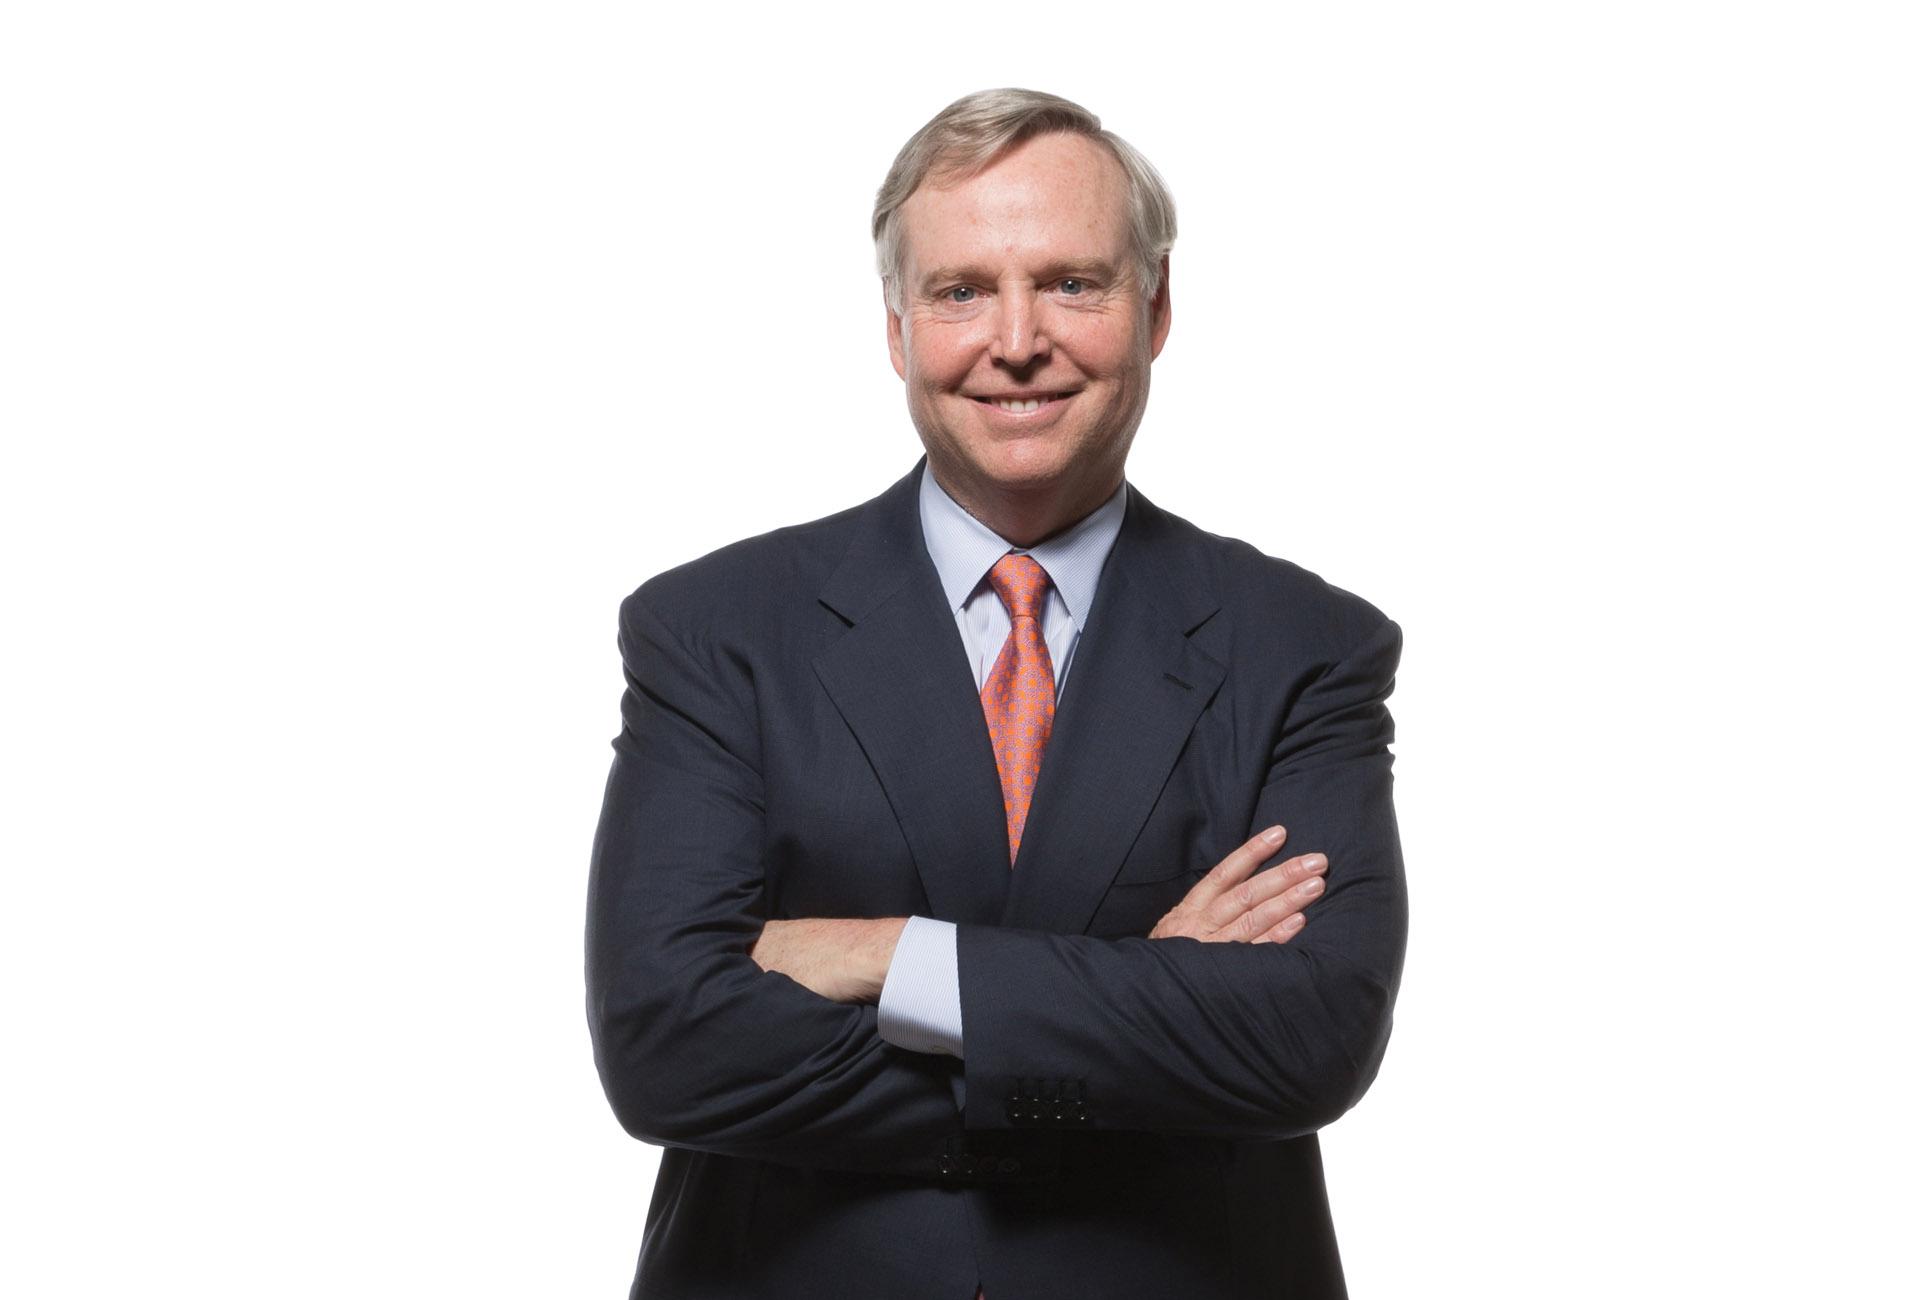 Portrait of Robert Dedman Jr.